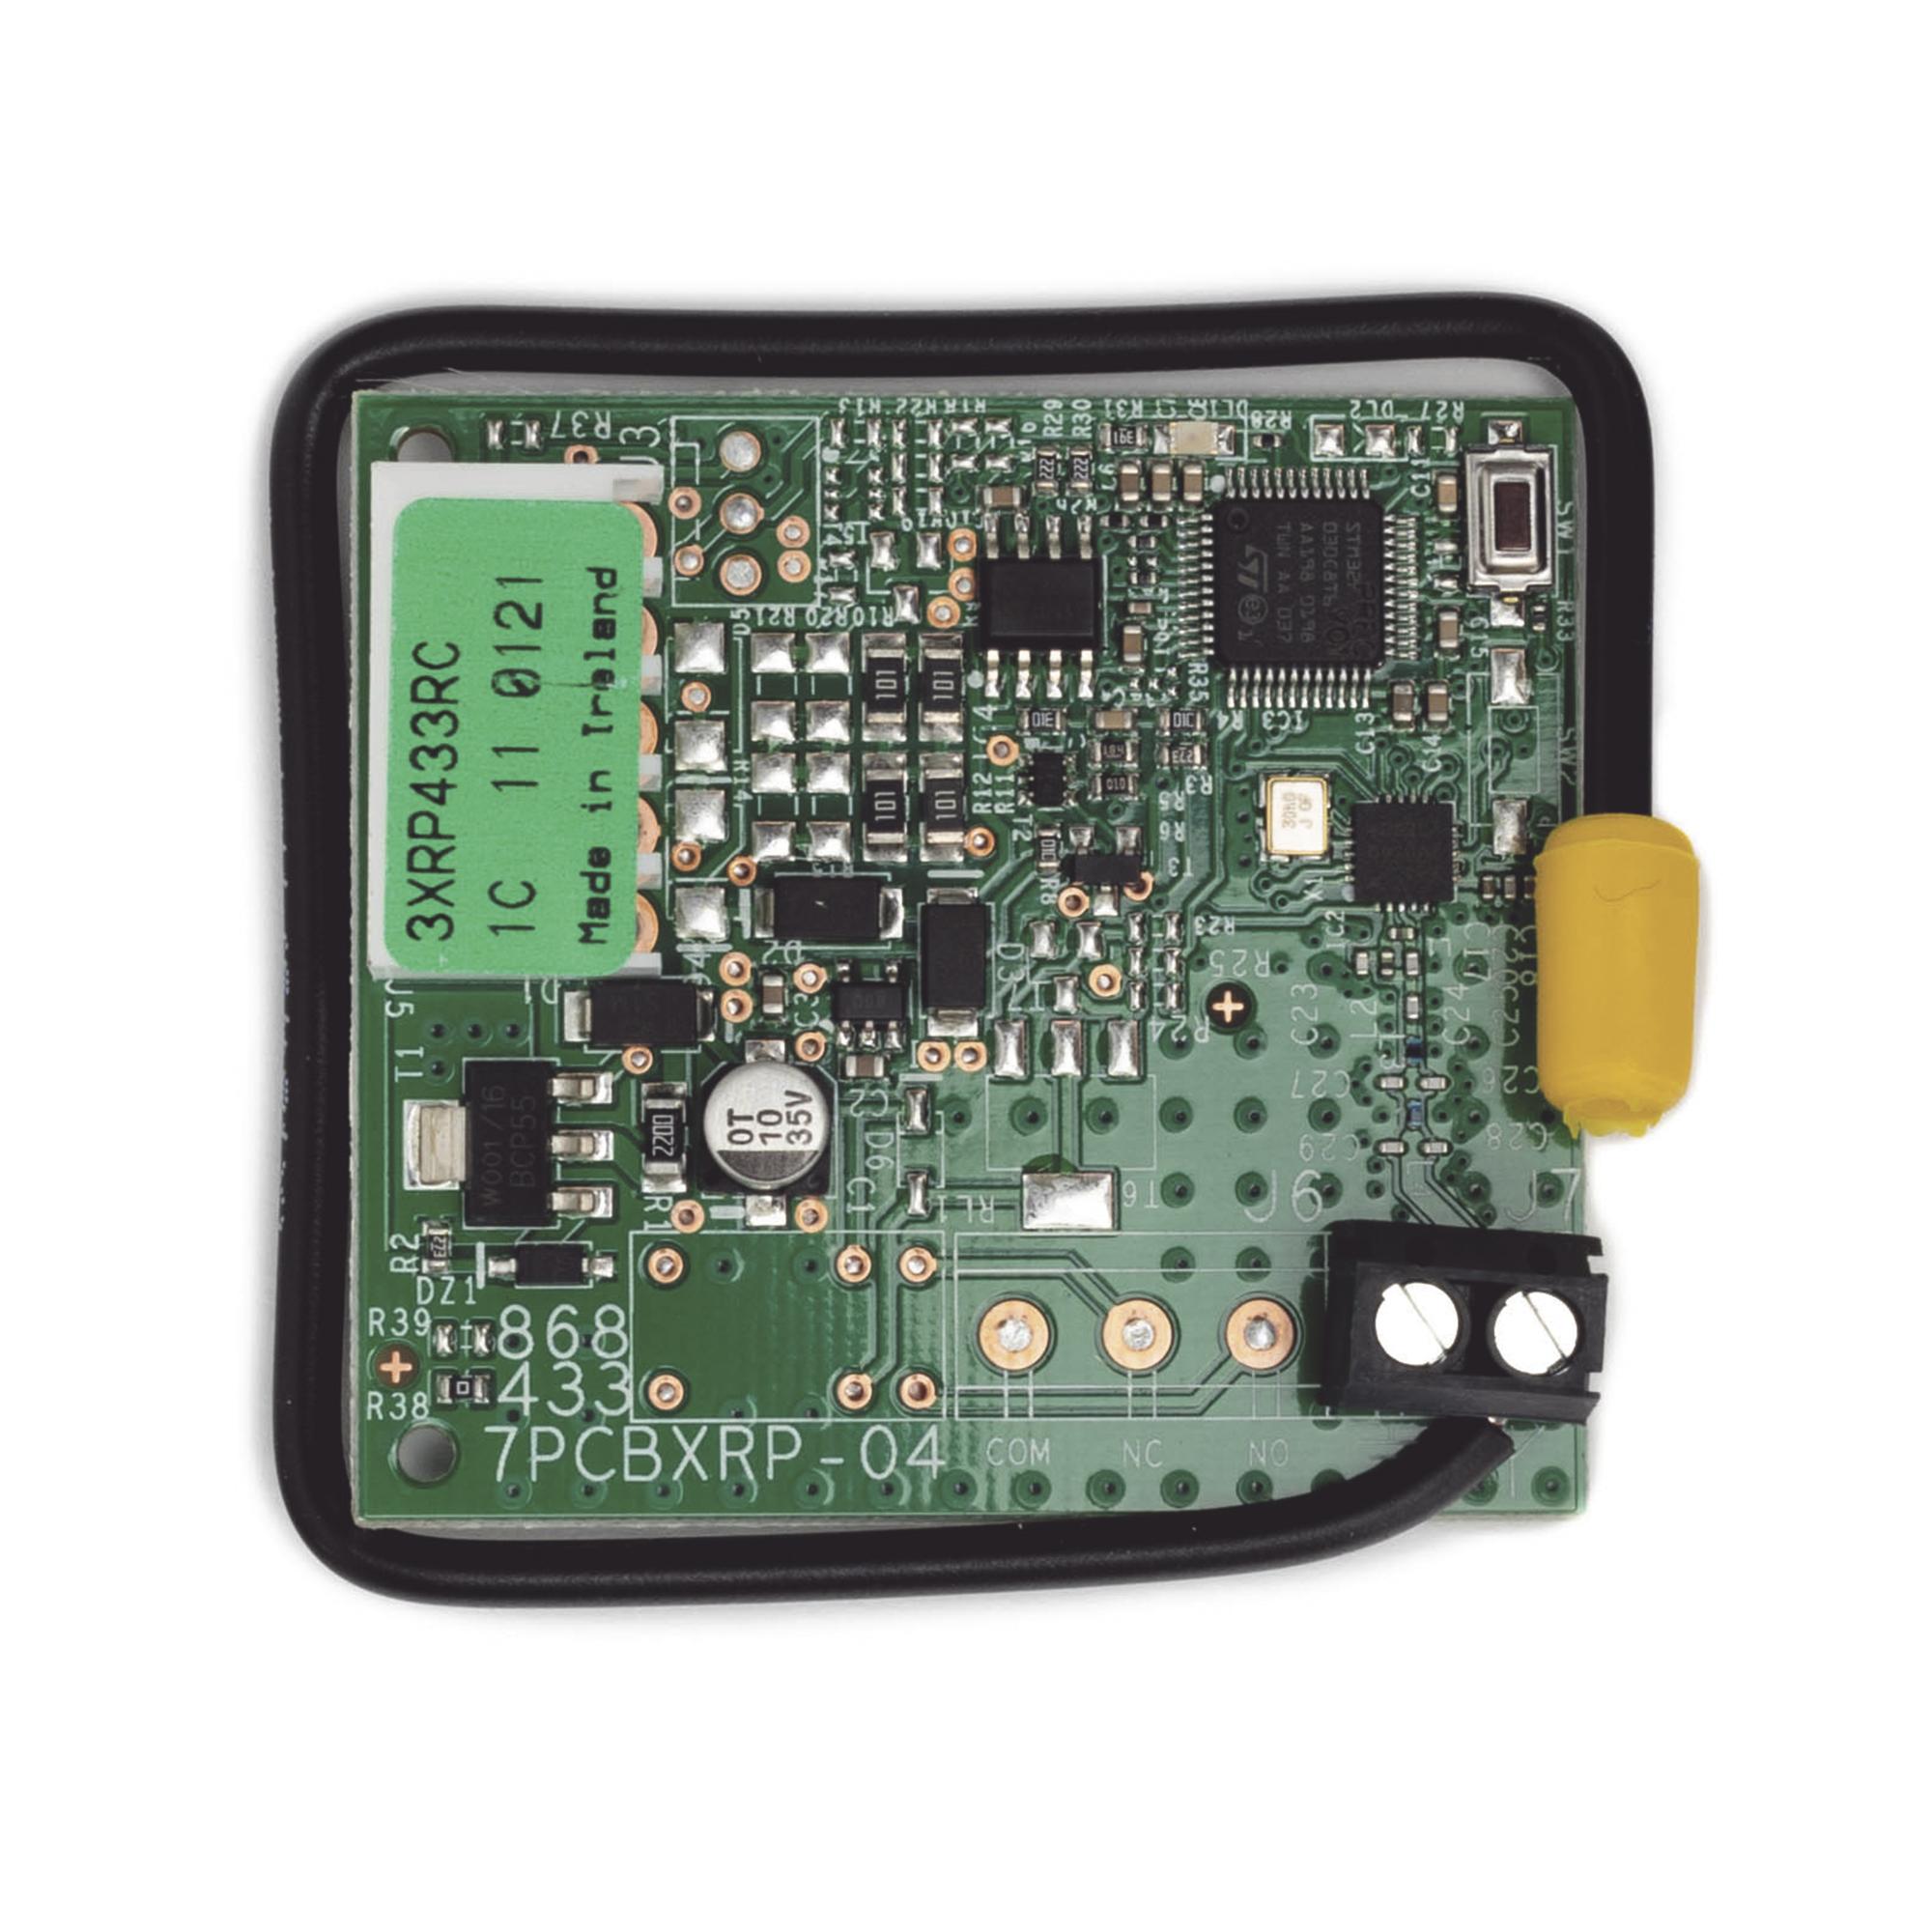 RECEPTOR FAAC RP1 para operadores FAAC 412/740/741